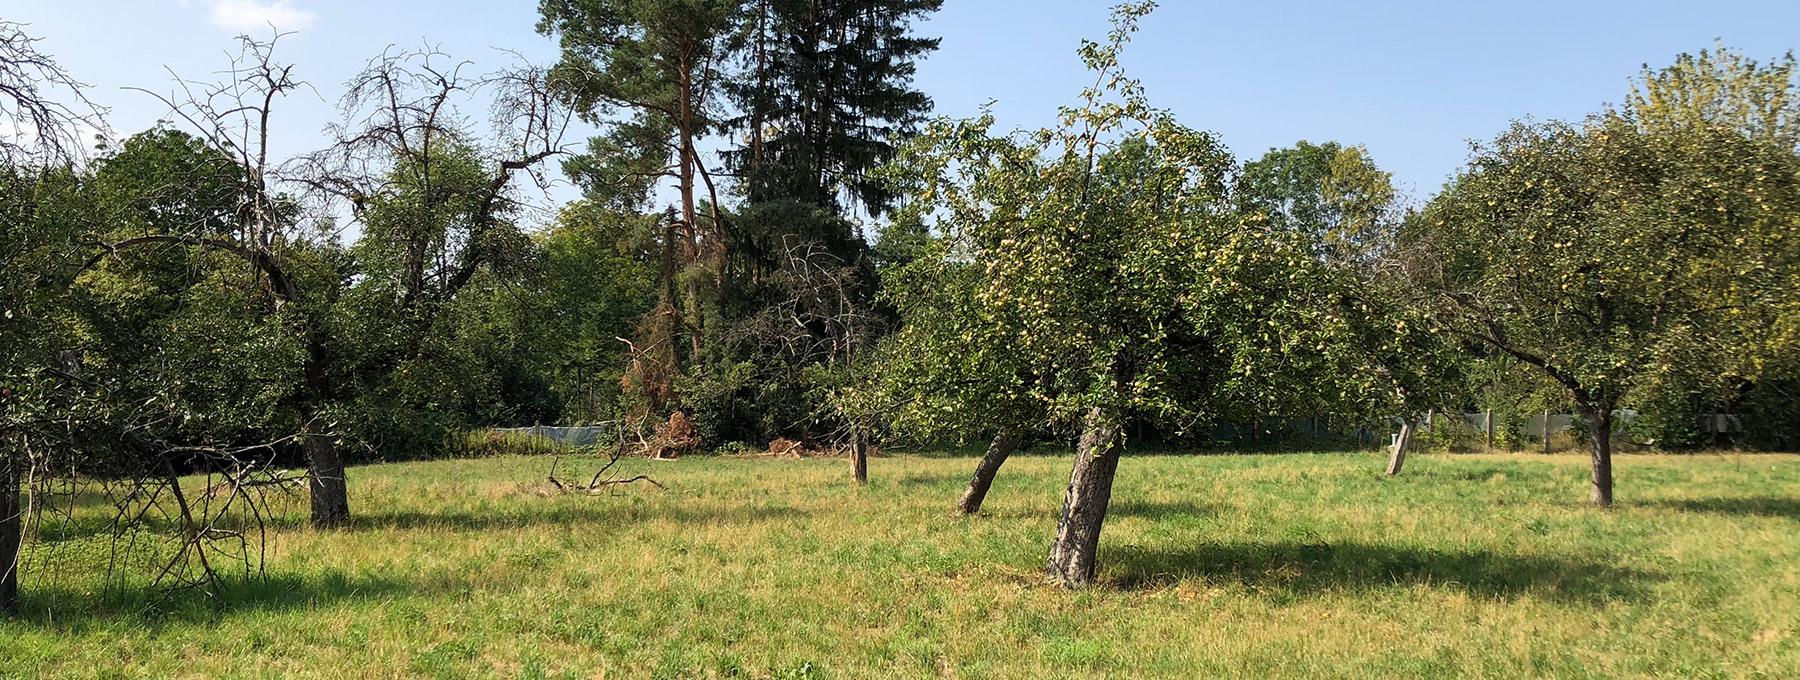 Eine Streuobstwiese in Kirchheim unter Teck